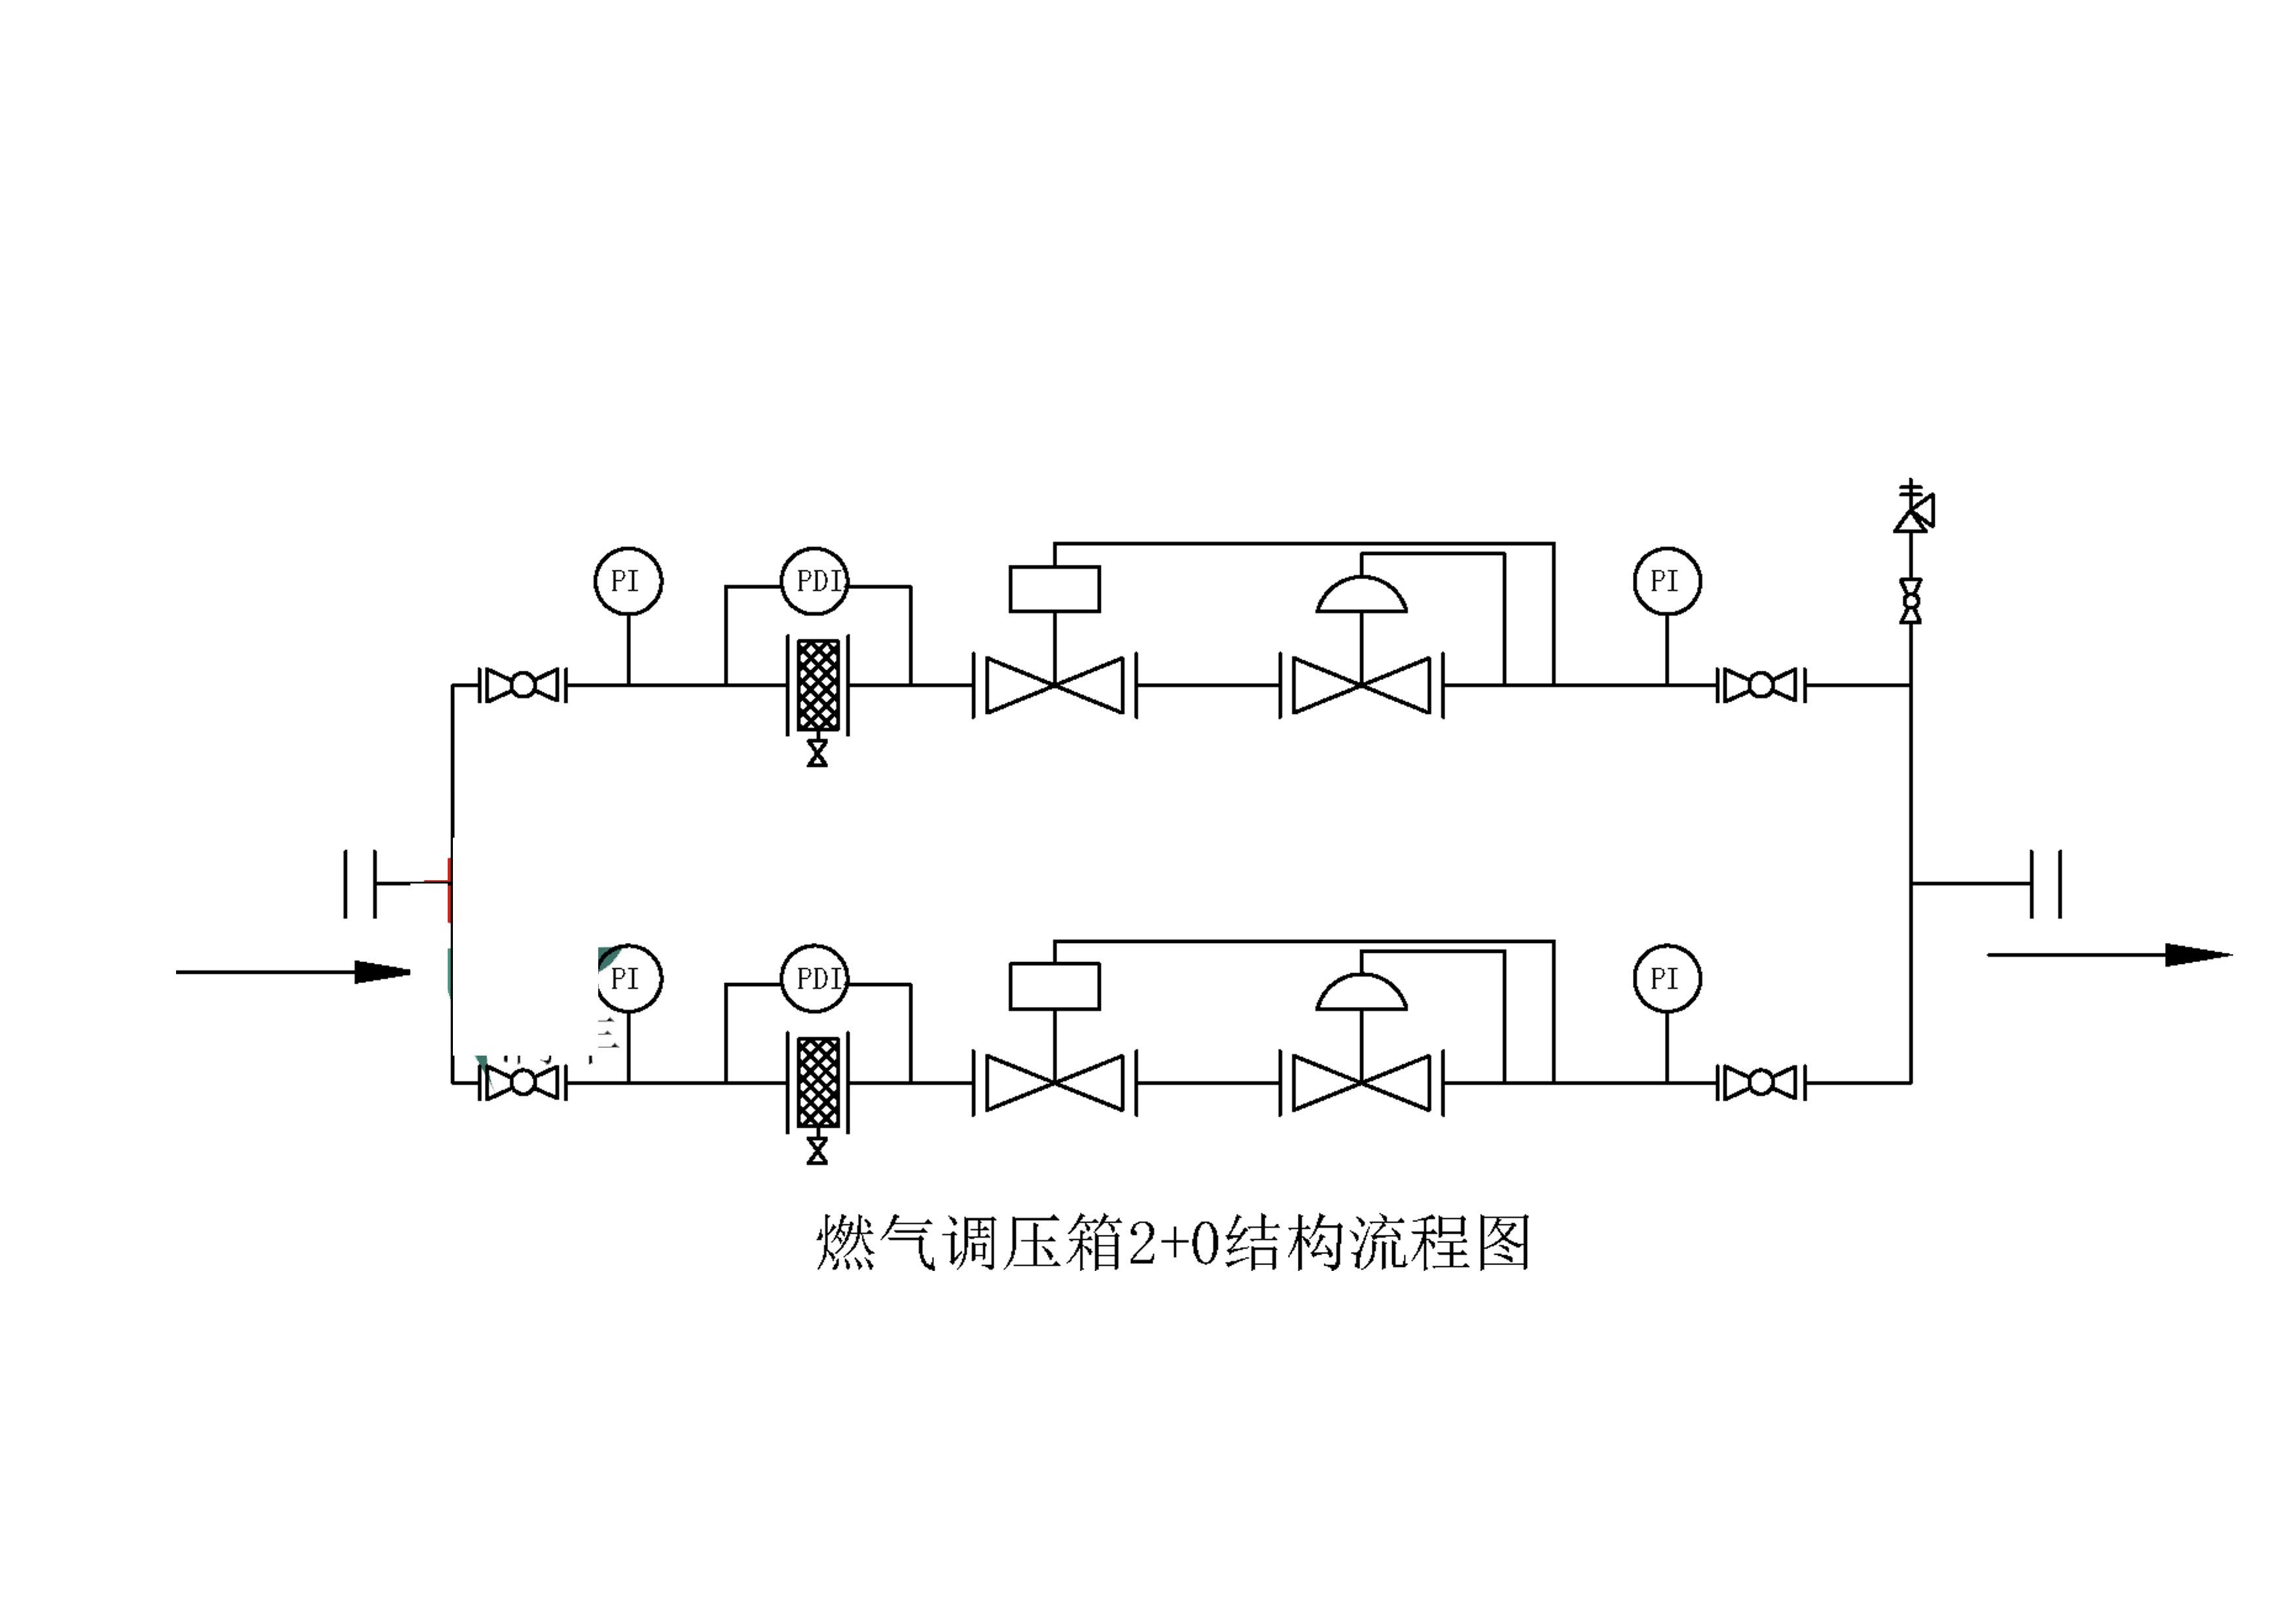 燃气调压柜结构形式及流程图【二】